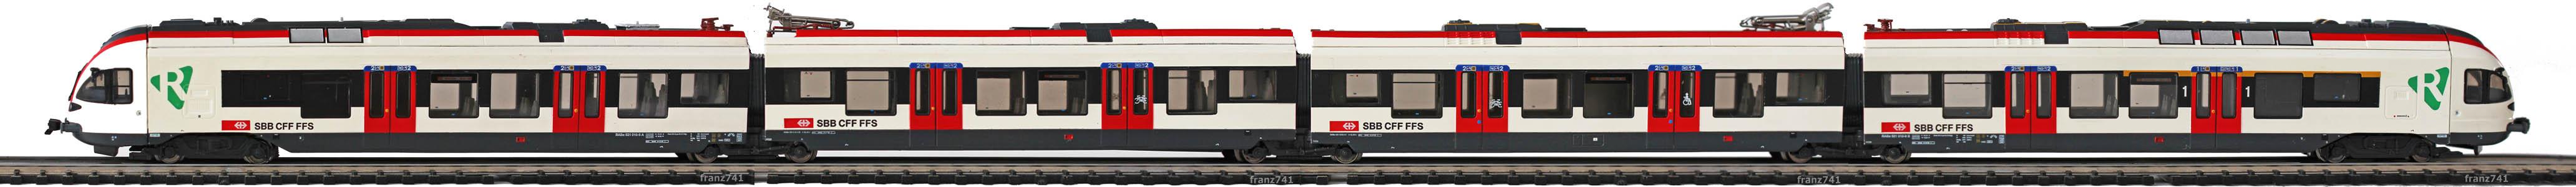 Epoche-V-SBB-FLIRT-RABe-521-Regional-Triebwagenzug-S-Bahn-Basel